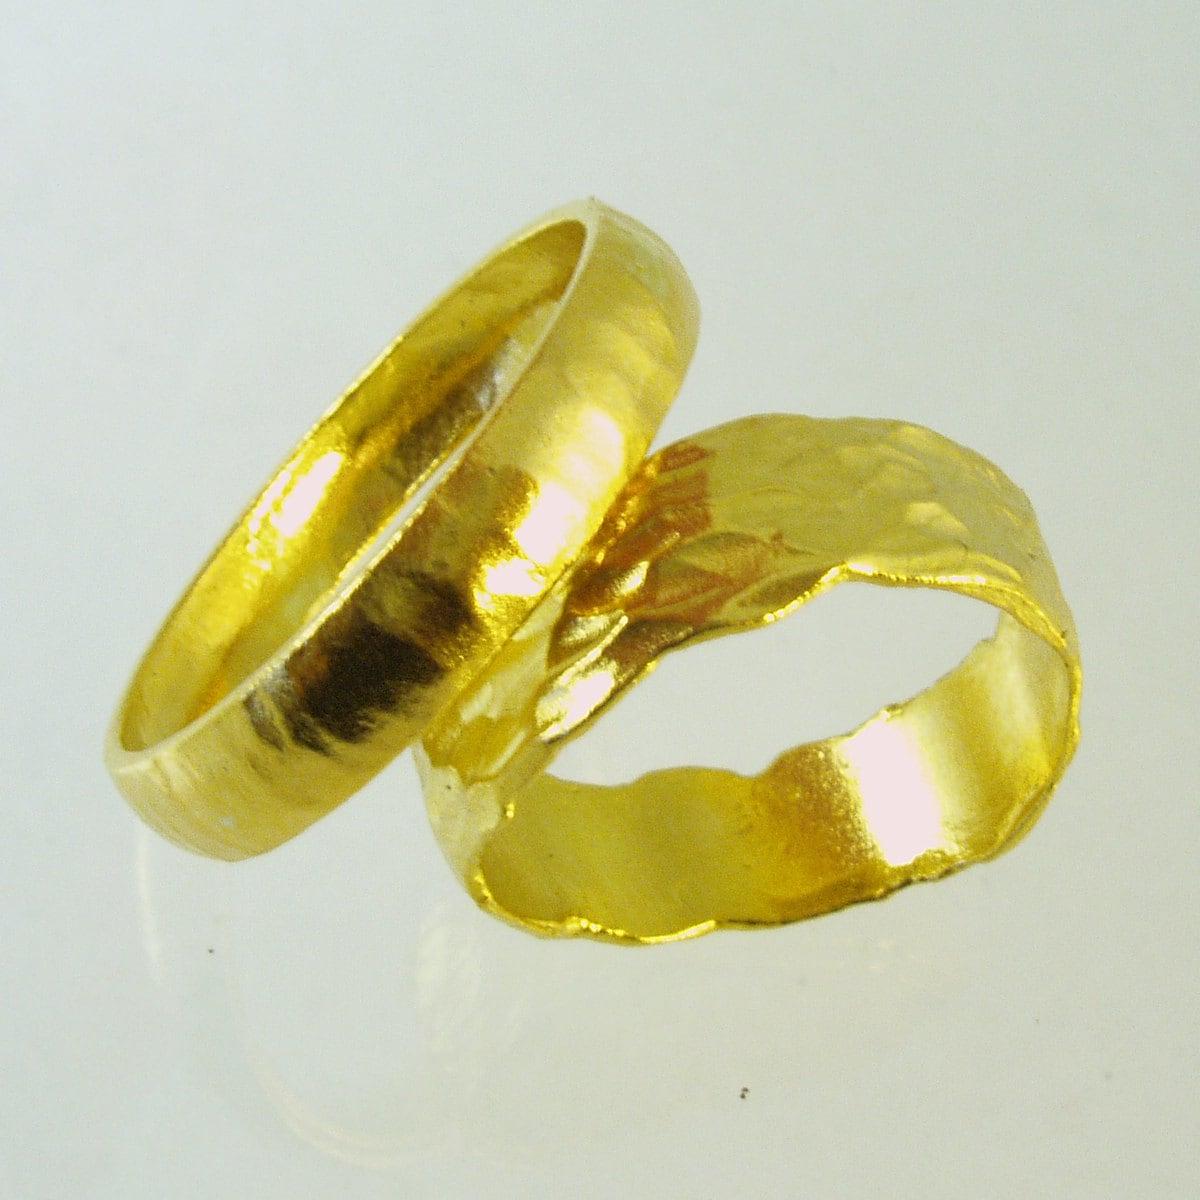 set of pure solid gold wedding bands 24 karat solid gold. Black Bedroom Furniture Sets. Home Design Ideas